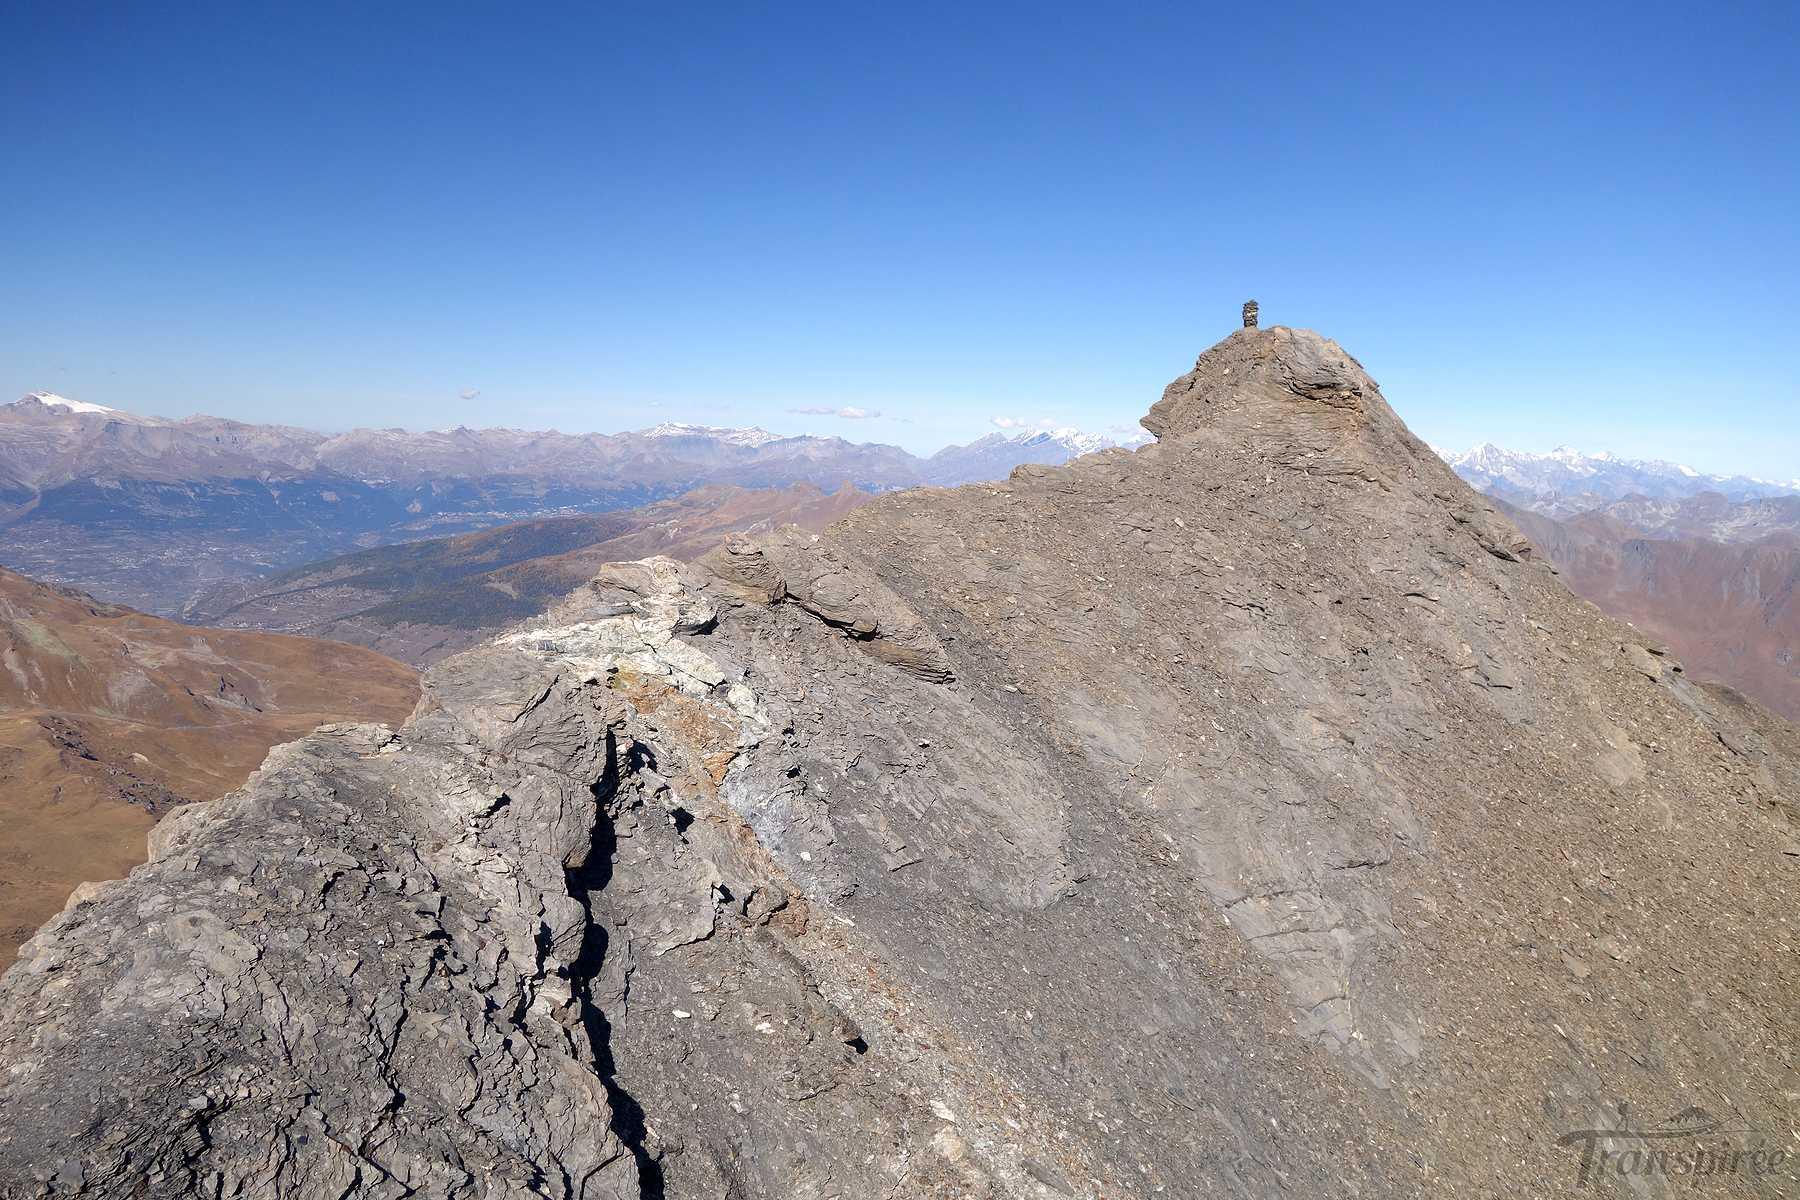 Randonnée au Mont de l'Etoile depuis La Gouille puis cabane des Aiguilles Rouges d'Arolla